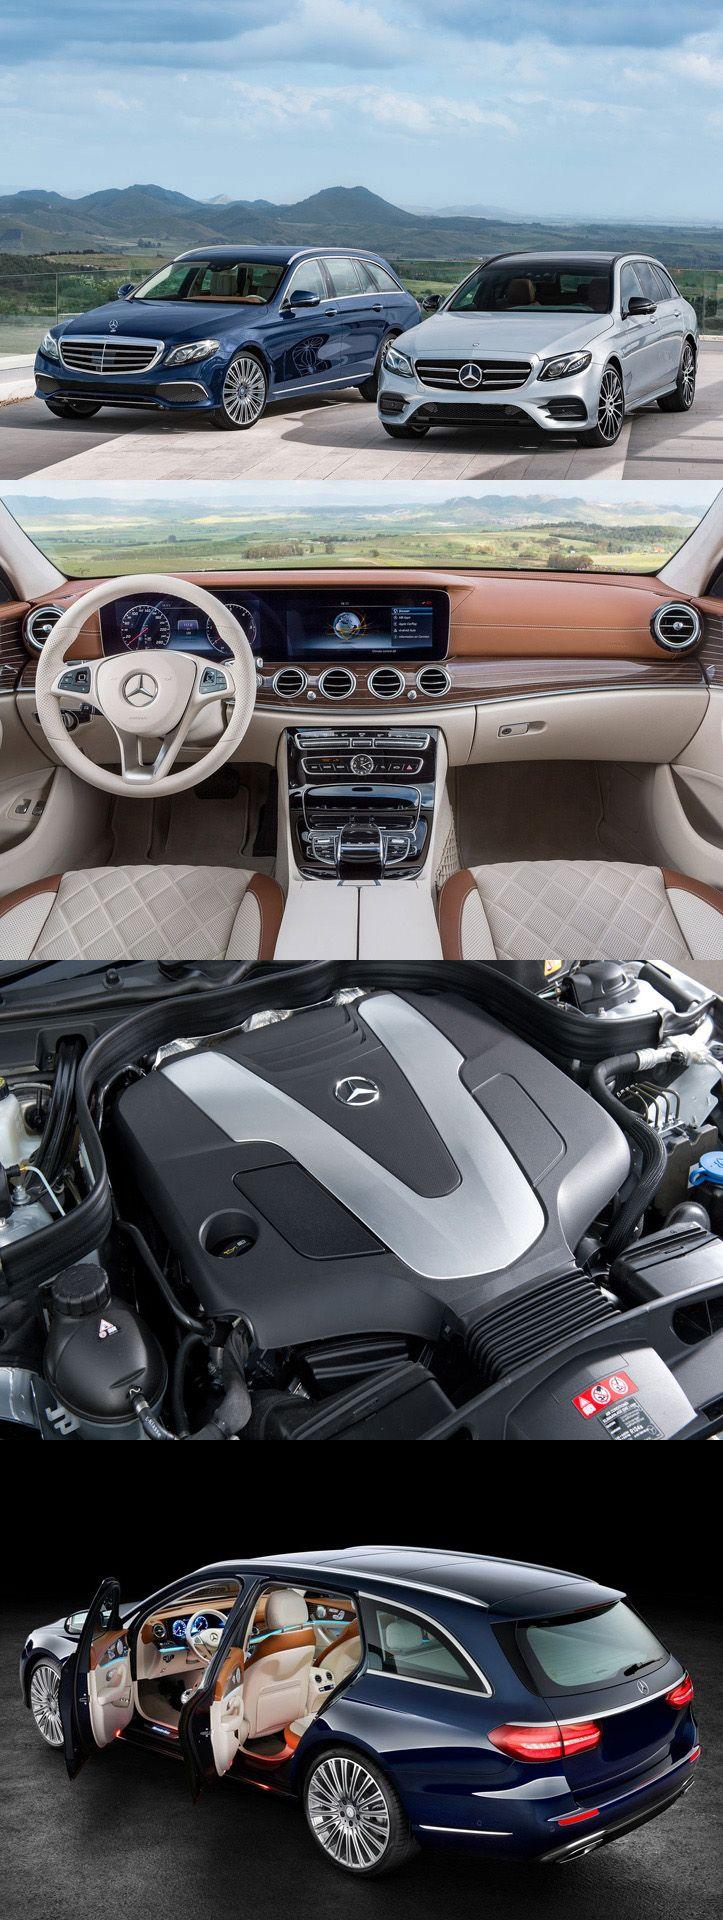 Tuning wald international mercedes benz e class estate w211 -  Mercedes E_class Estate Reviewed